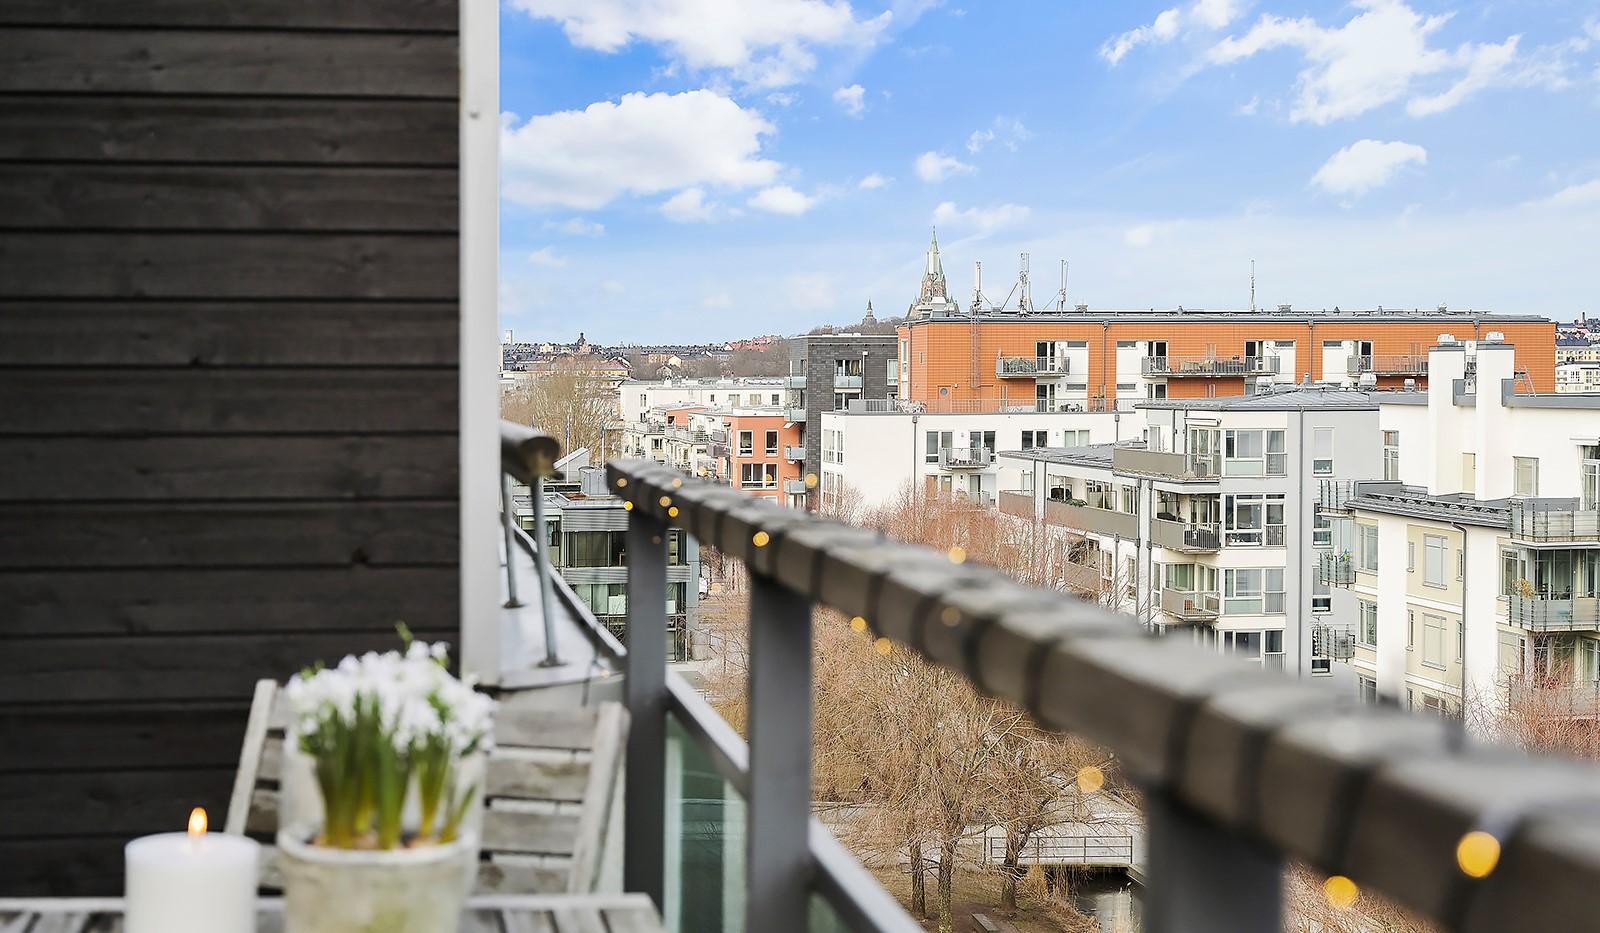 Midskeppsgatan 16, vån 6 - Sofia Kyrka är ett annat trevligt landmärke man kan skåda från balkongen